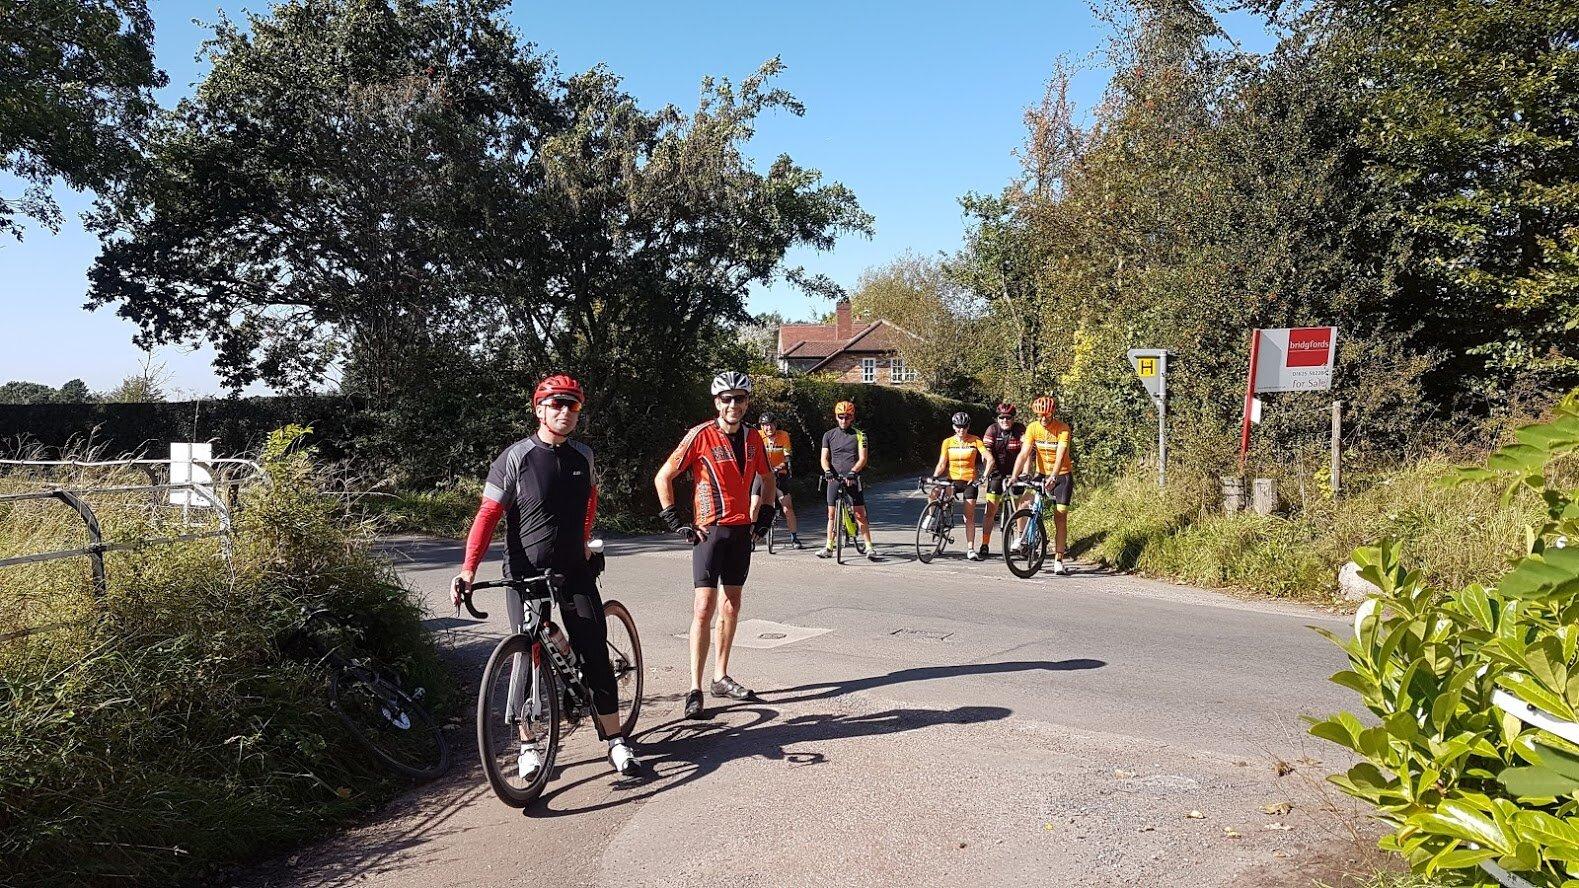 Survivors at the summit of Hocker Lane: Simon, Richard, Steve, Christian, Vikki, Andrew, Mark.